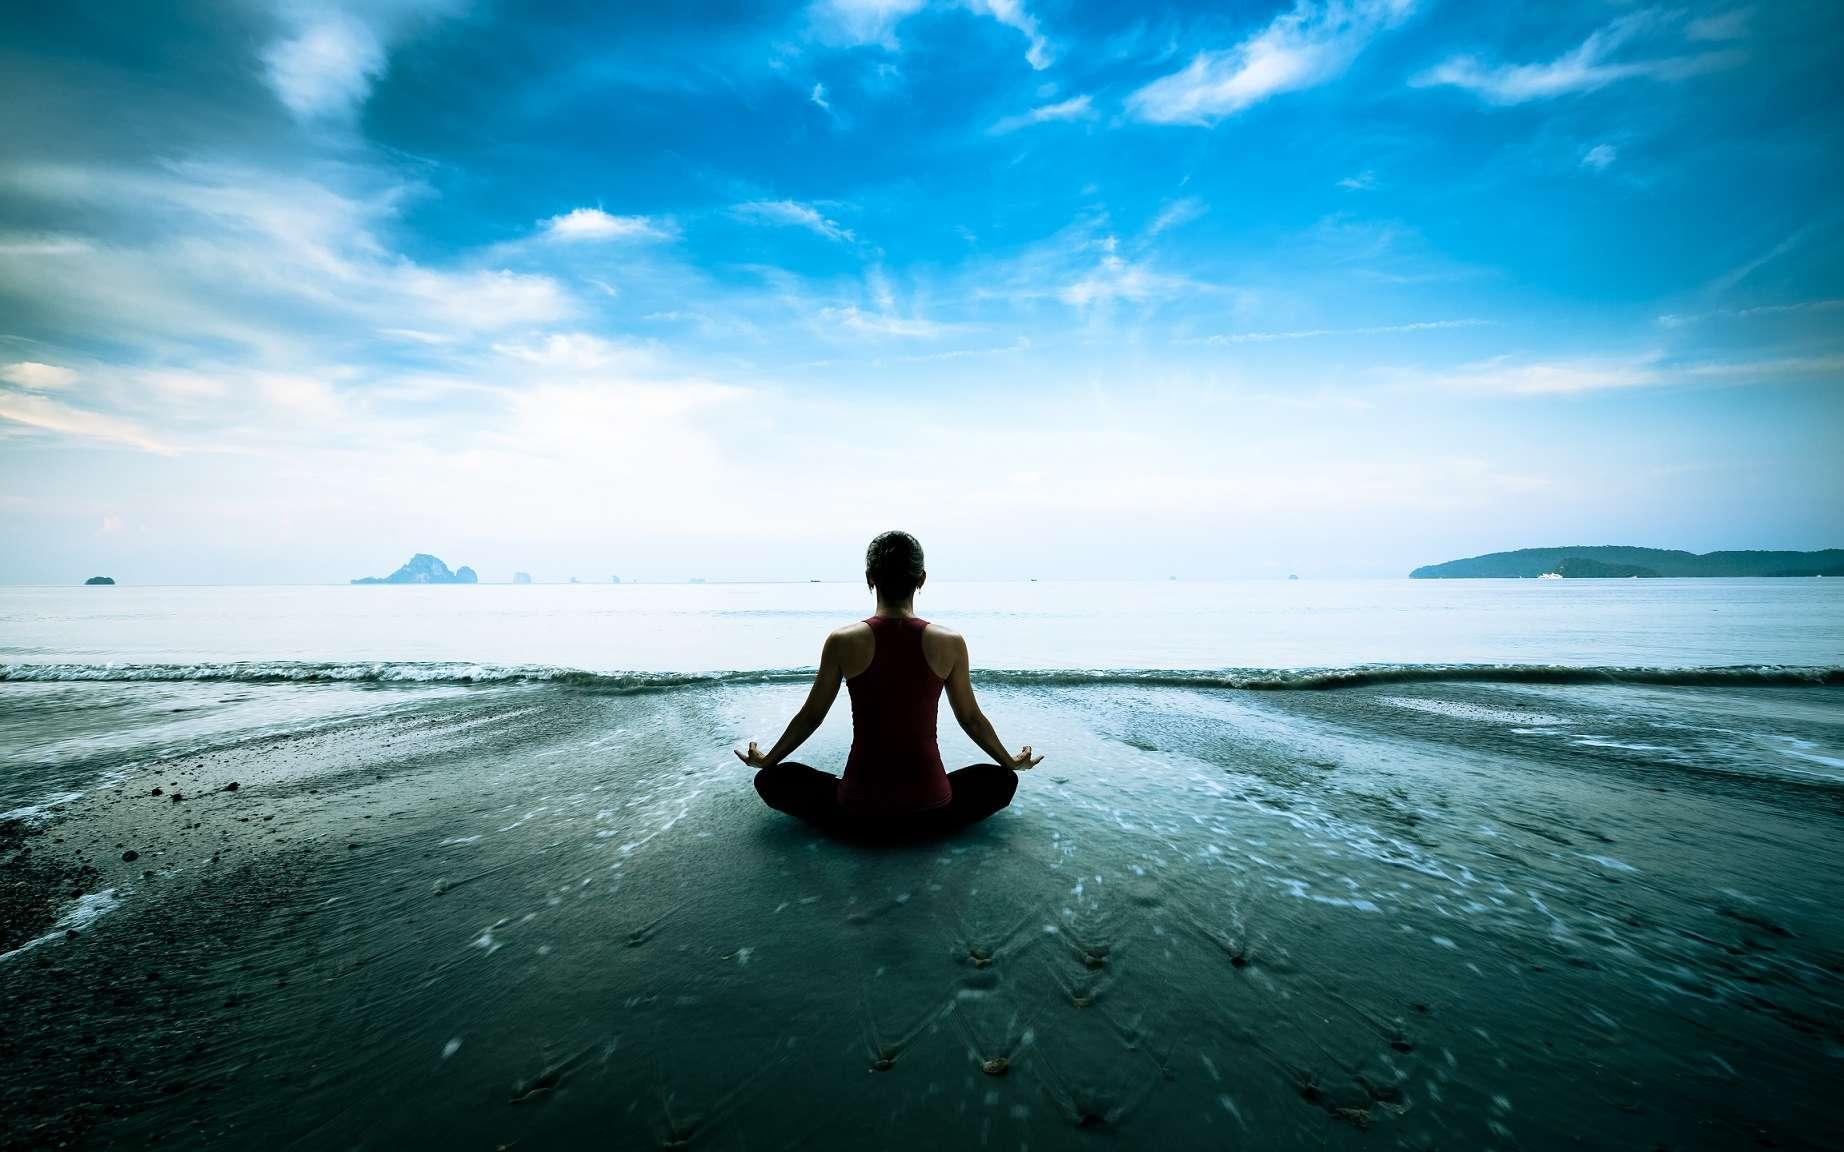 Des études avaient déjà montré que la méditation agit sur le cerveau. Désormais, il semble qu'elle agisse également sur l'épigénome. © Patrick Foto, Shutterstock